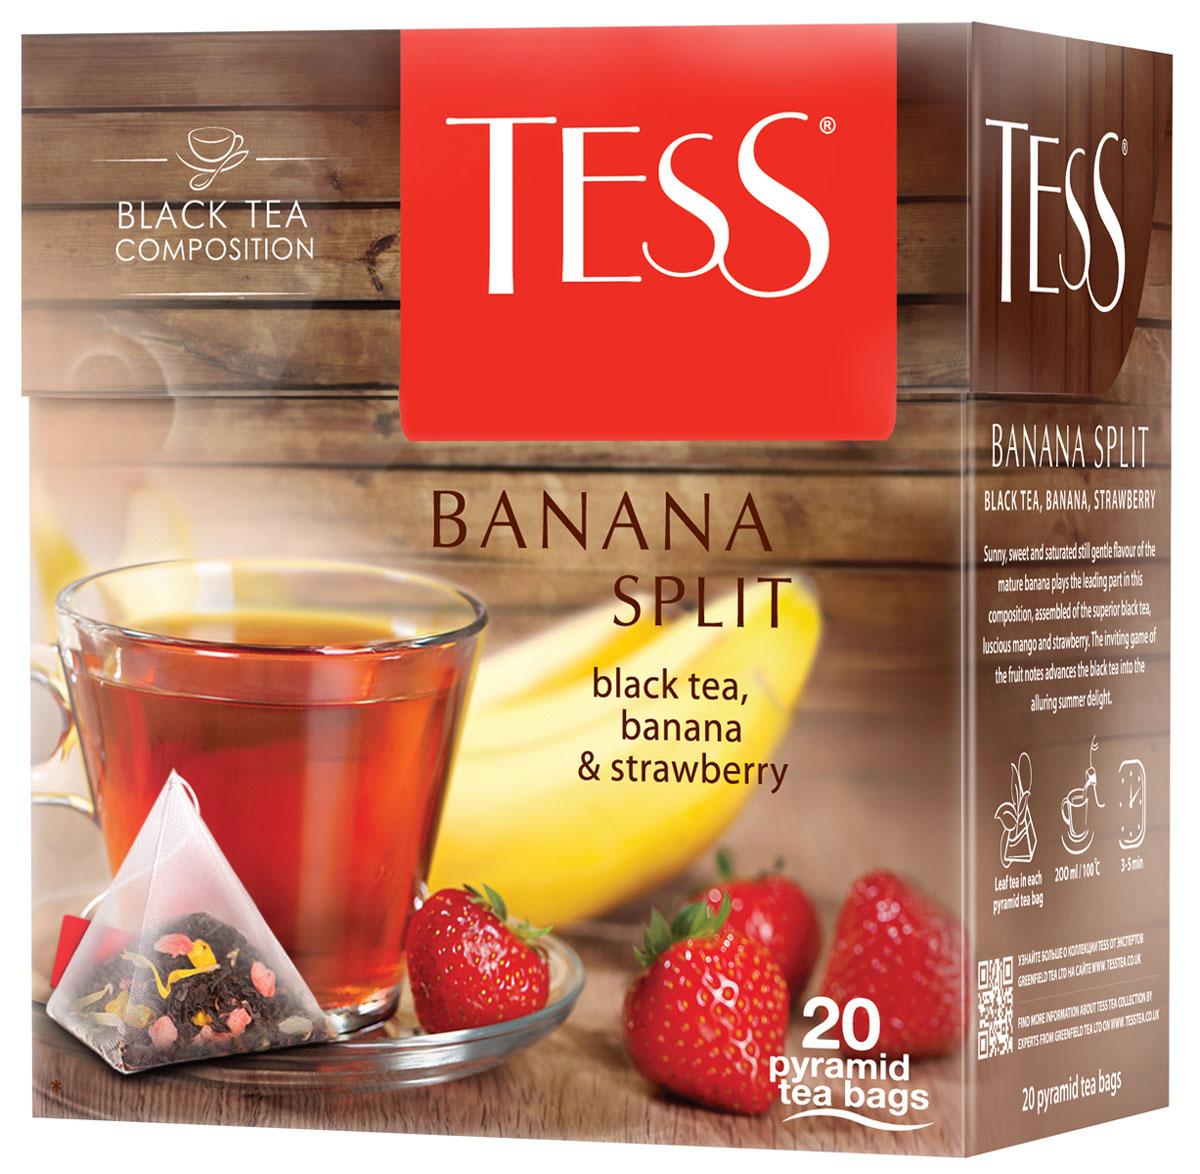 Tess Banana Split фруктовый чай в пакетиках, 20 шт1145-12Солнечный, сладковато-насыщенный, но нежный аромат спелого банана играет главную роль в композиции, составленной из превосходного черного чая Tess Banana Split, сочного манго и клубники. Заманчивая игра фруктовых оттенков превращает черный чай в соблазнительный летний десерт.